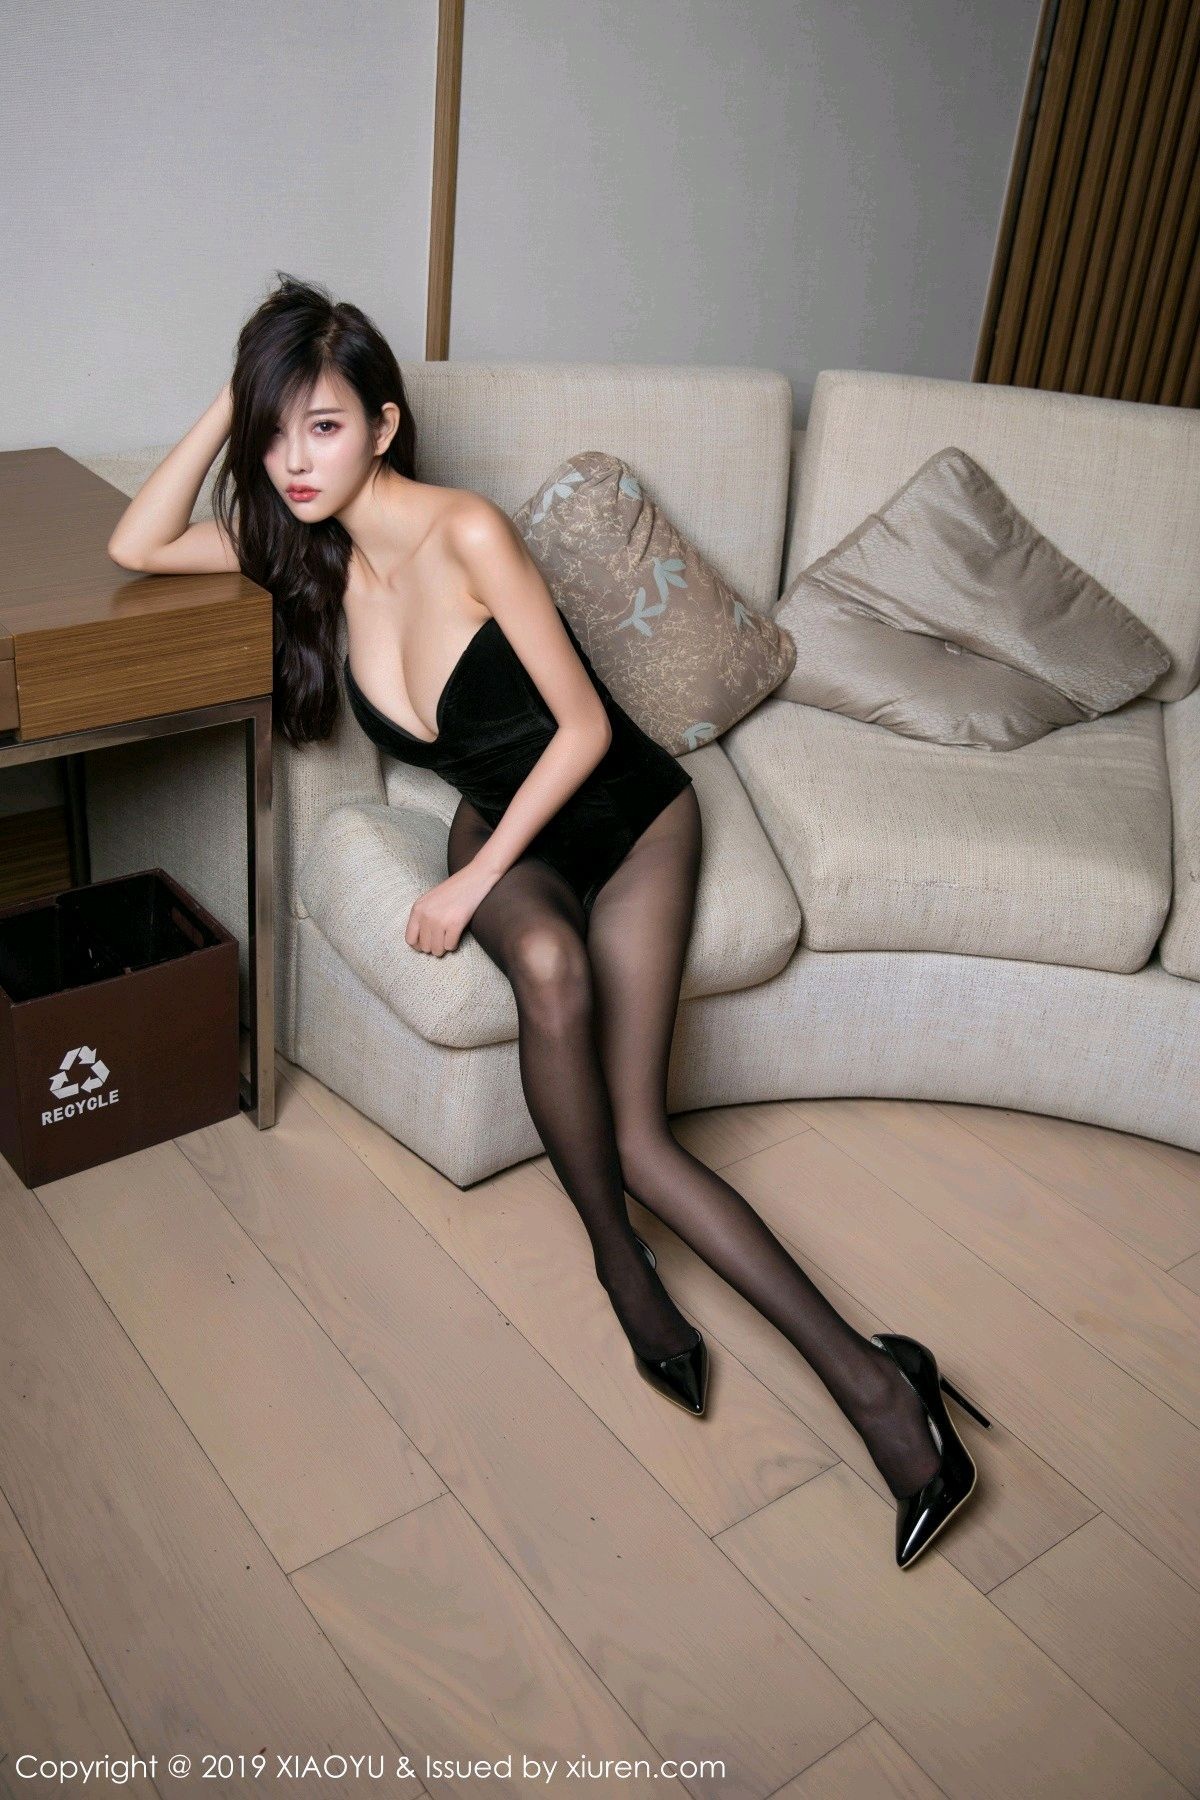 [XiaoYu] Vol.012 Yang Chen Chen 1P, Black Silk, Tall, XiaoYu, Yang Chen Chen